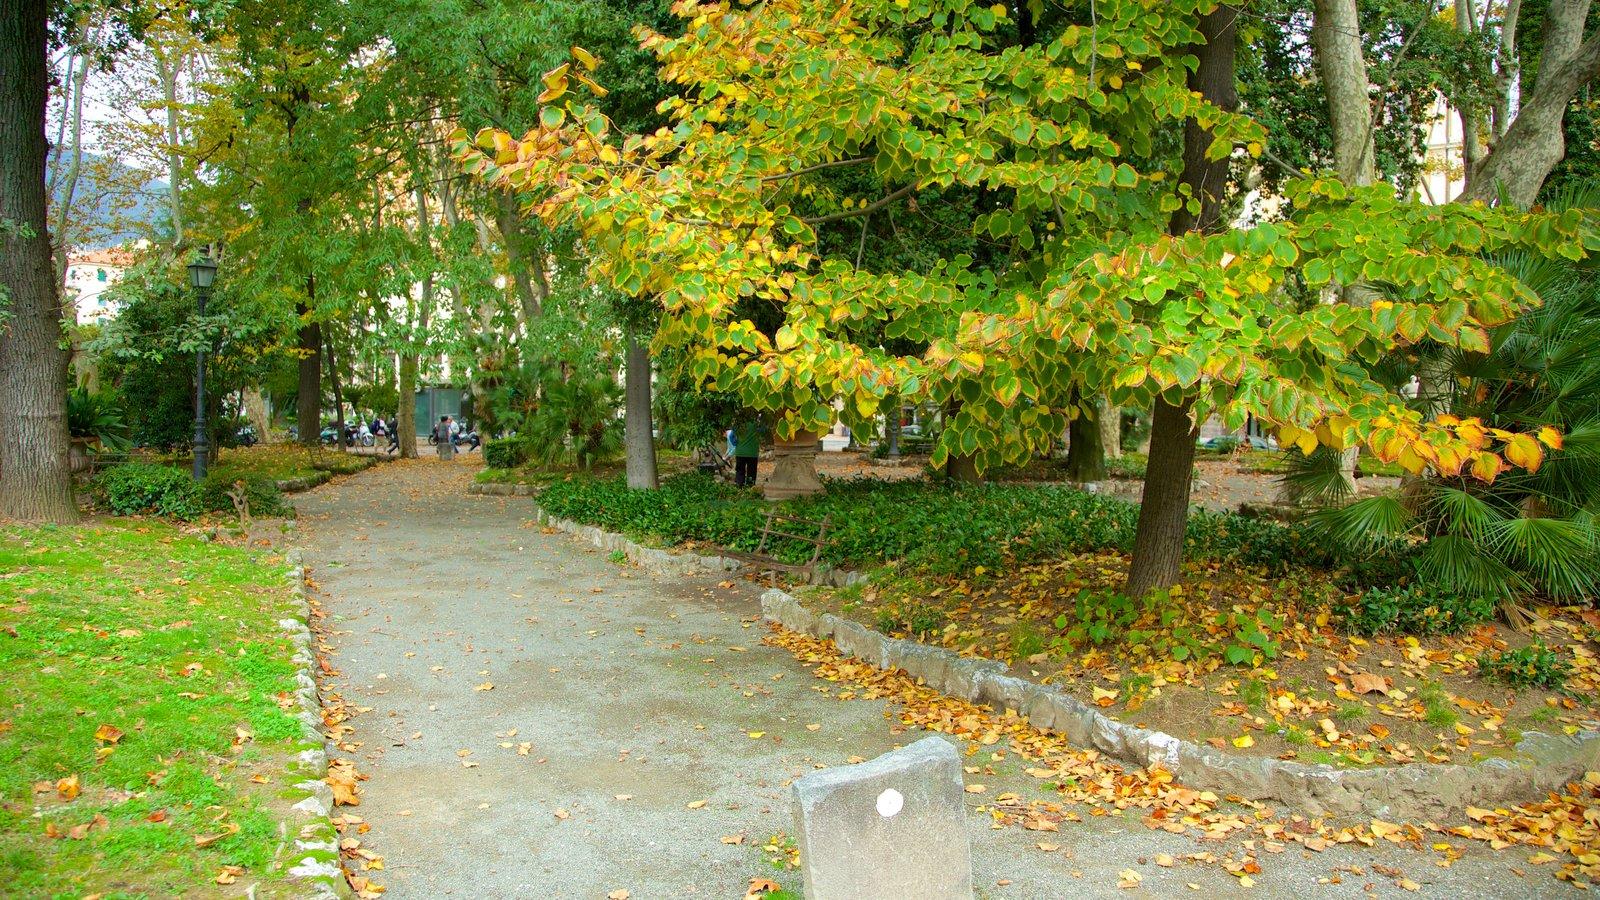 La Spezia que inclui cores do outono e um parque